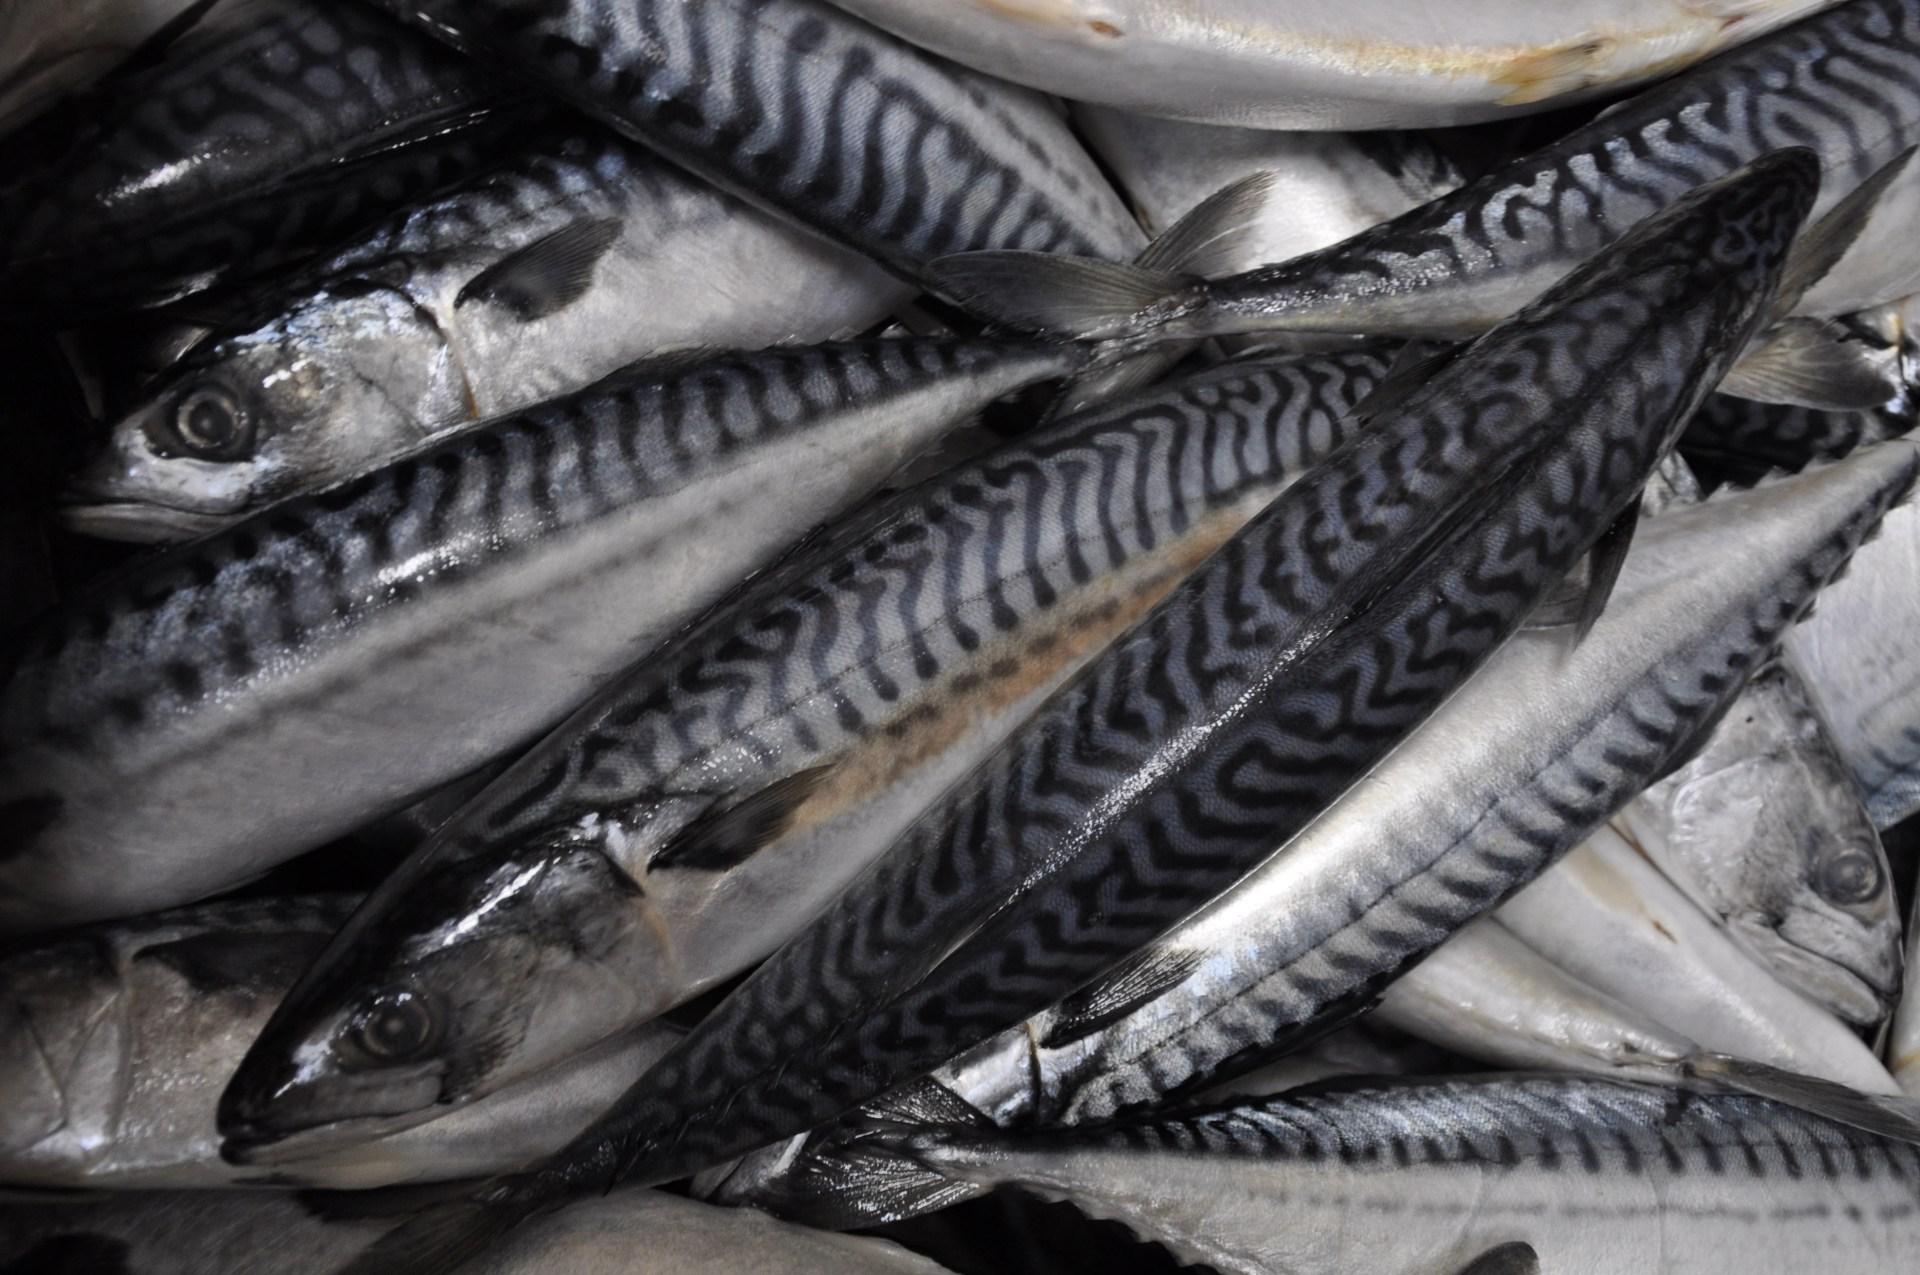 Prodej makrel Prostějov, mražené, nekuchané